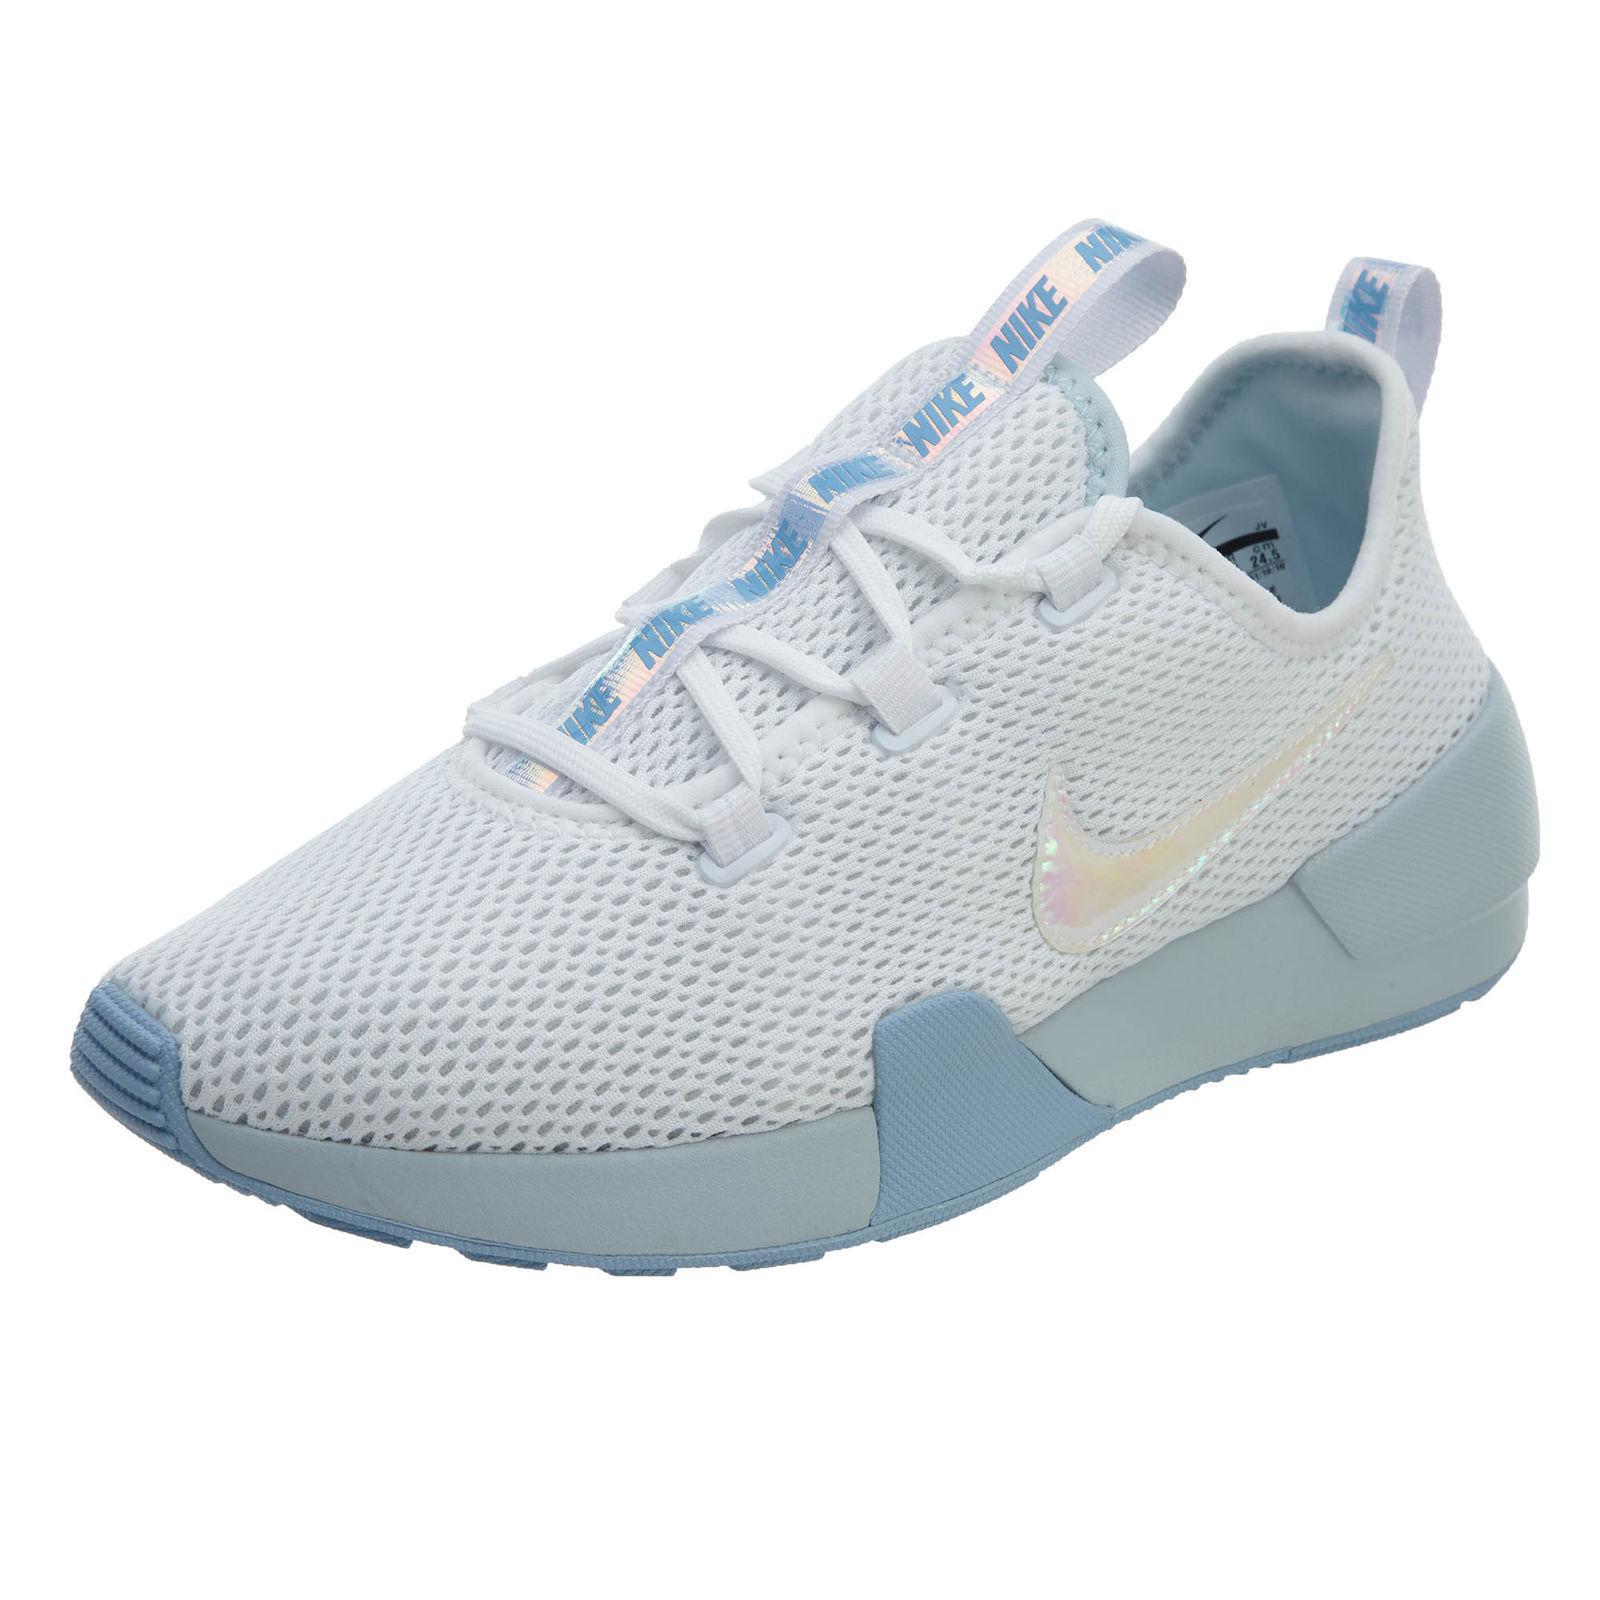 3f916d702e69e Nike Womens Ashin Modern Shoes AQ7494-100 - $98.13